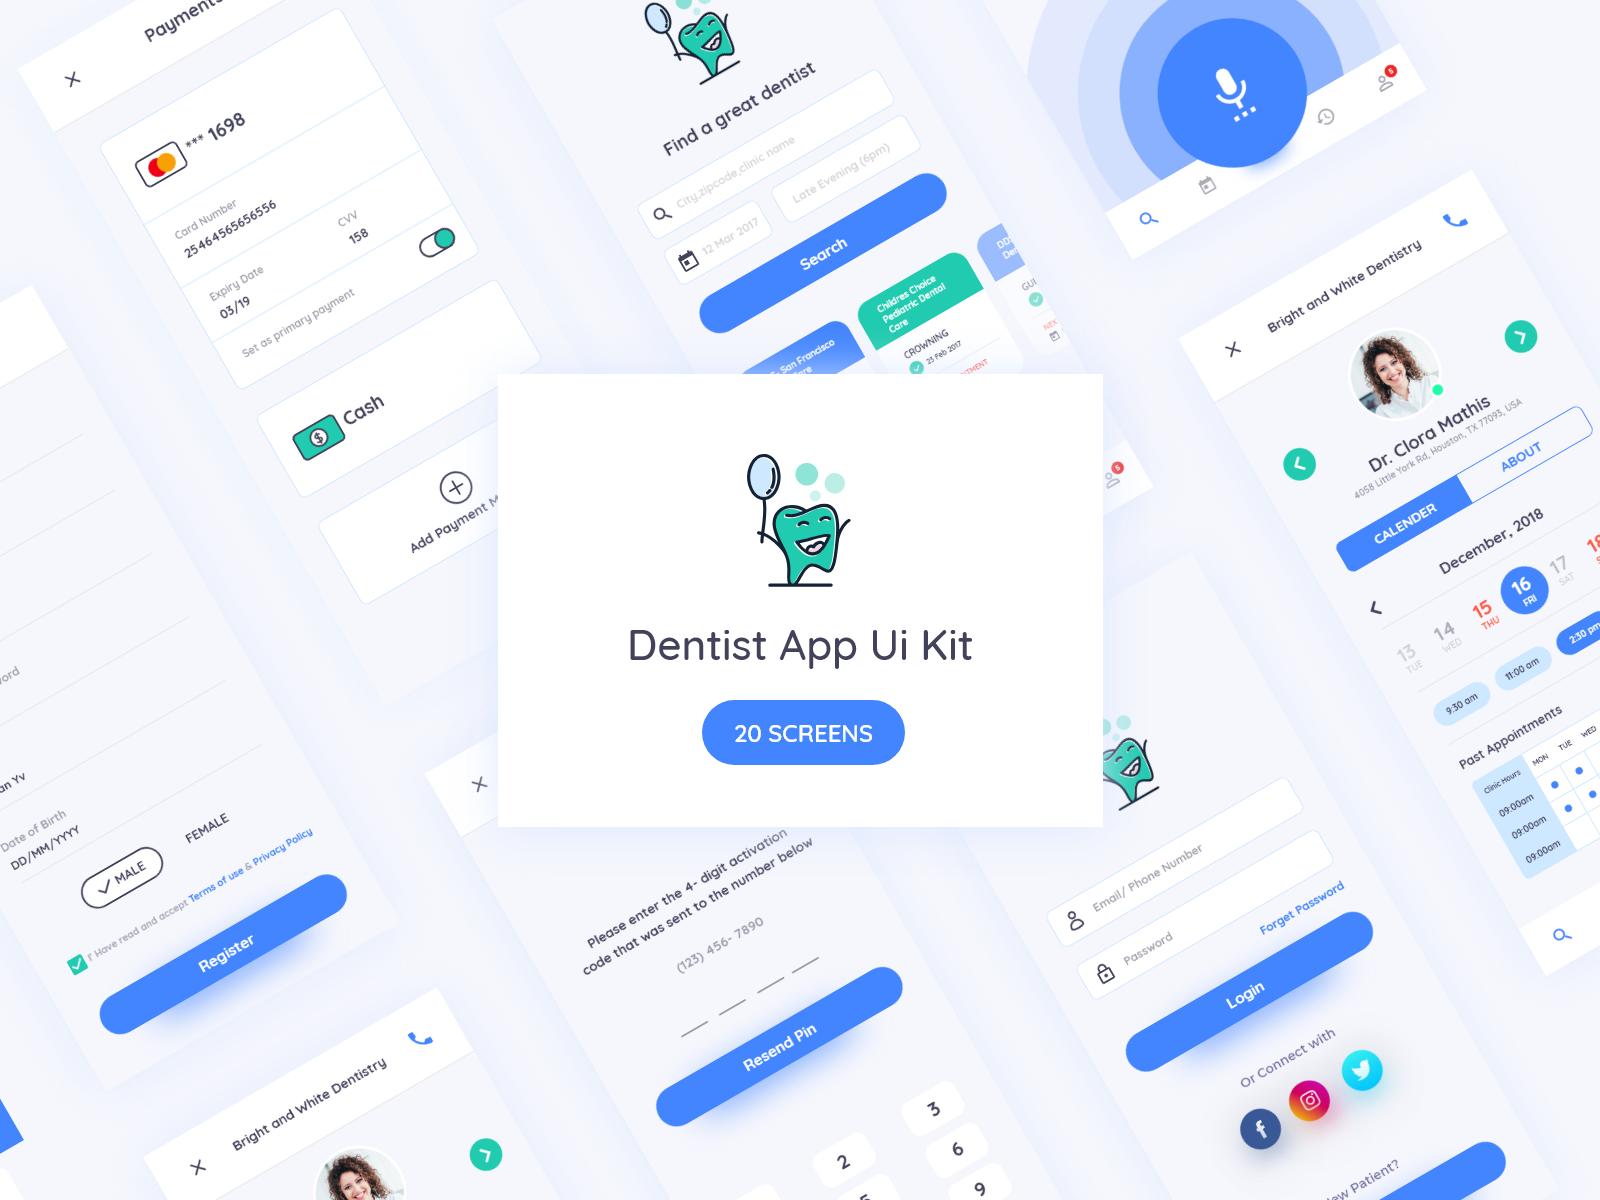 精致温馨牙医医疗清洁口腔App Ui KitDentist App Ui Kit